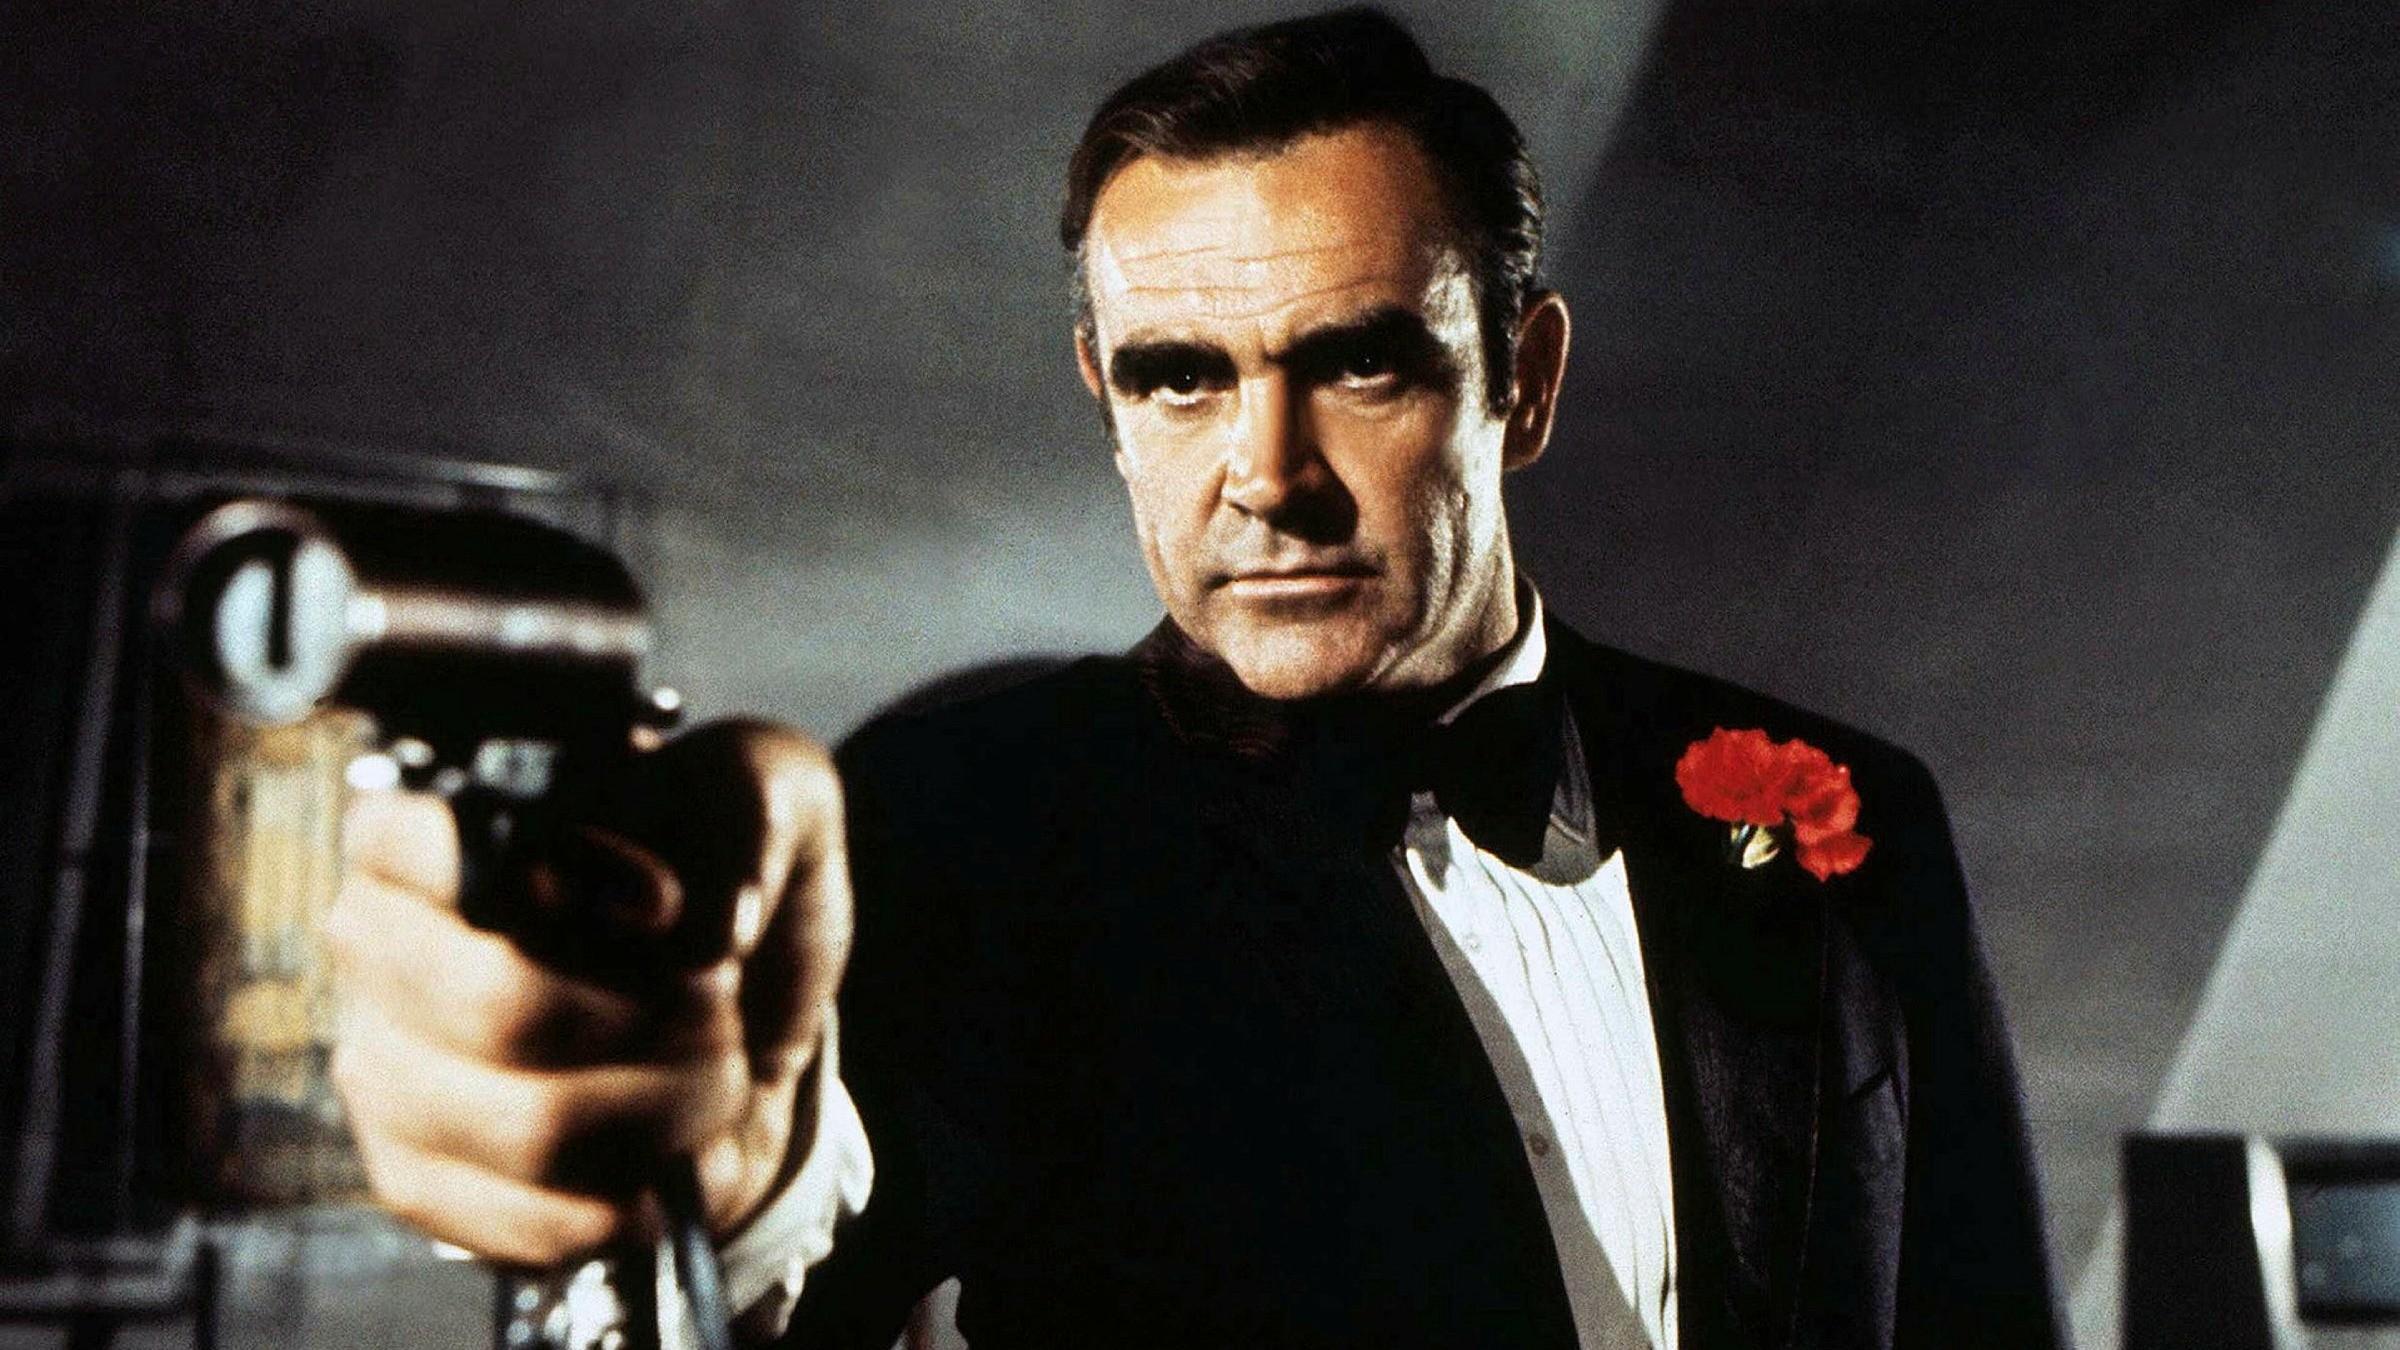 首部007电影中的道具枪高价卖出。(图/东森新闻云)